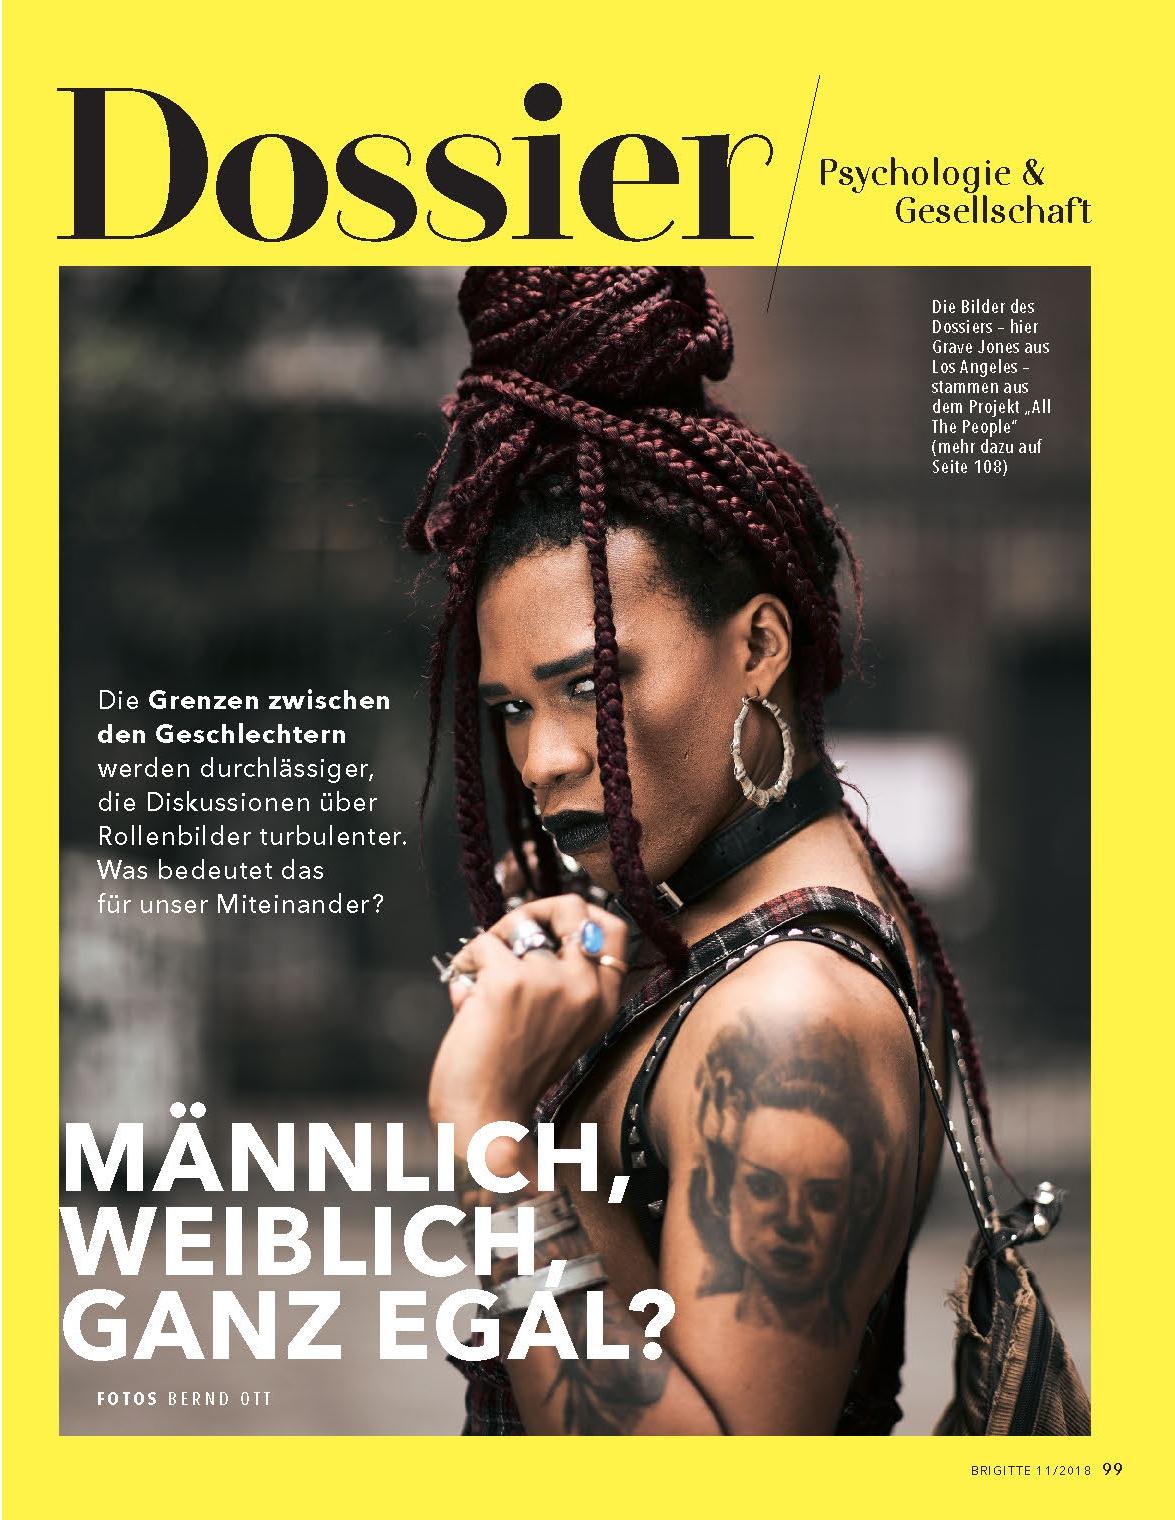 Brigitte Dossier Gender_Page_1.jpg